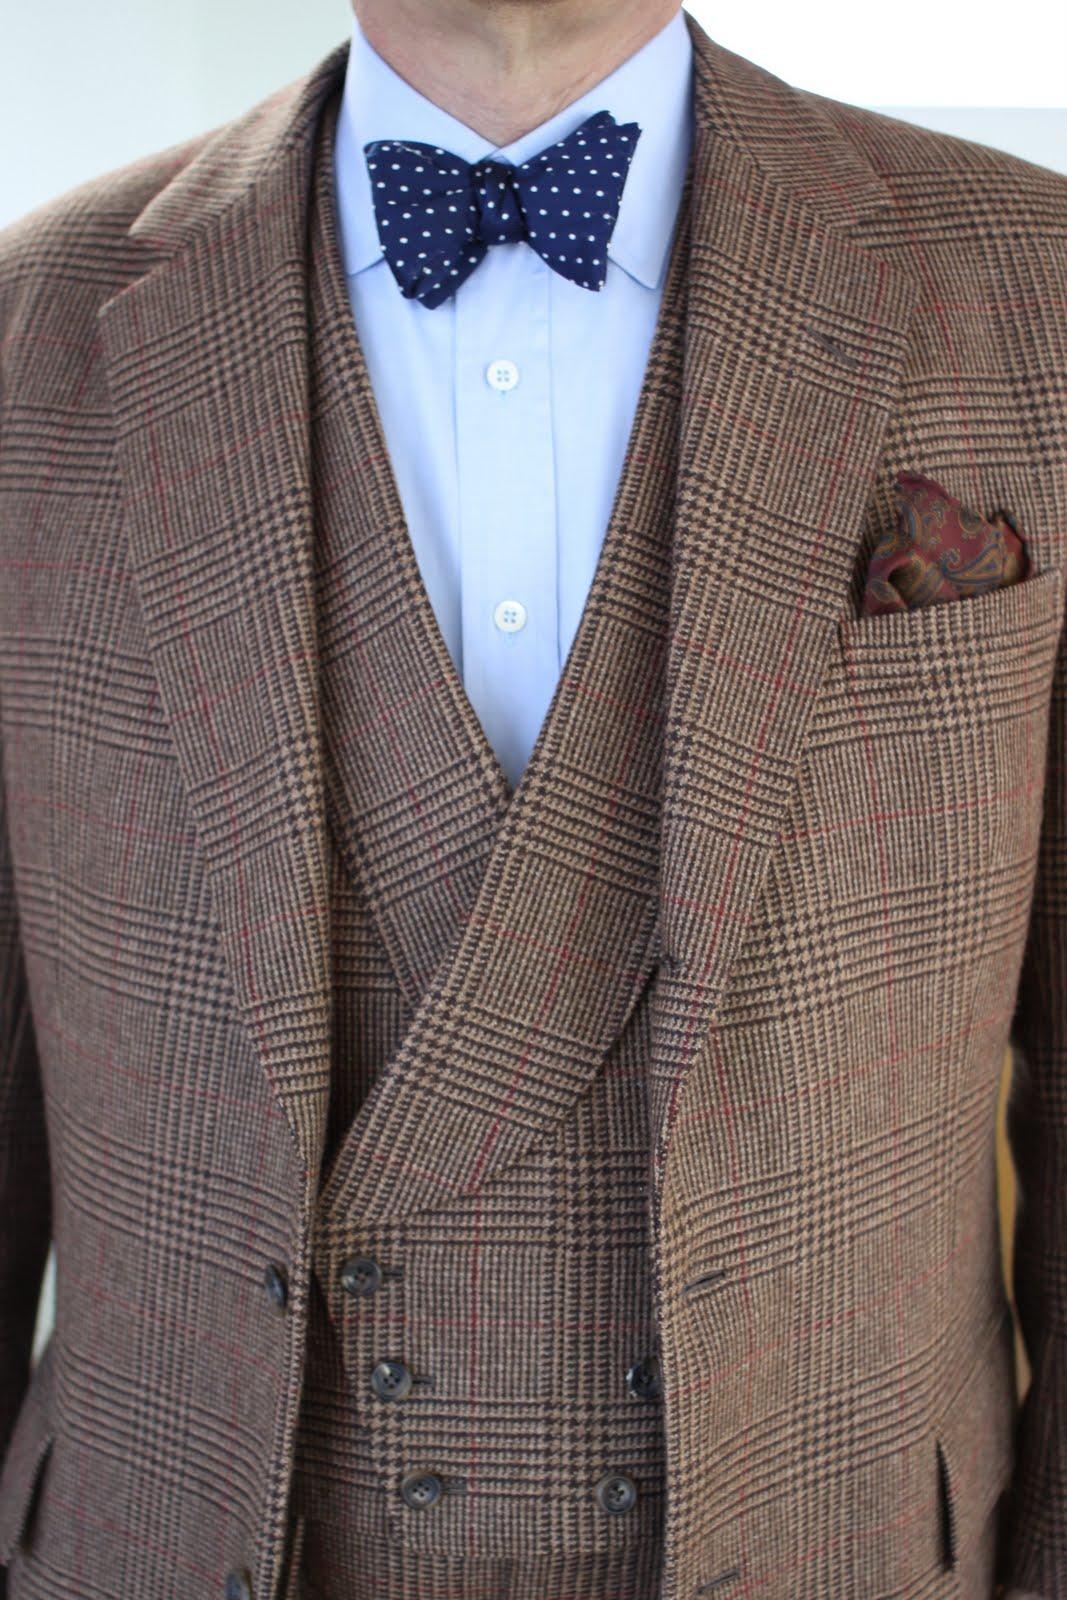 bec3b602f1dc Костюм на свадьбу для жениха, какого цвета должен быть костюм на ...